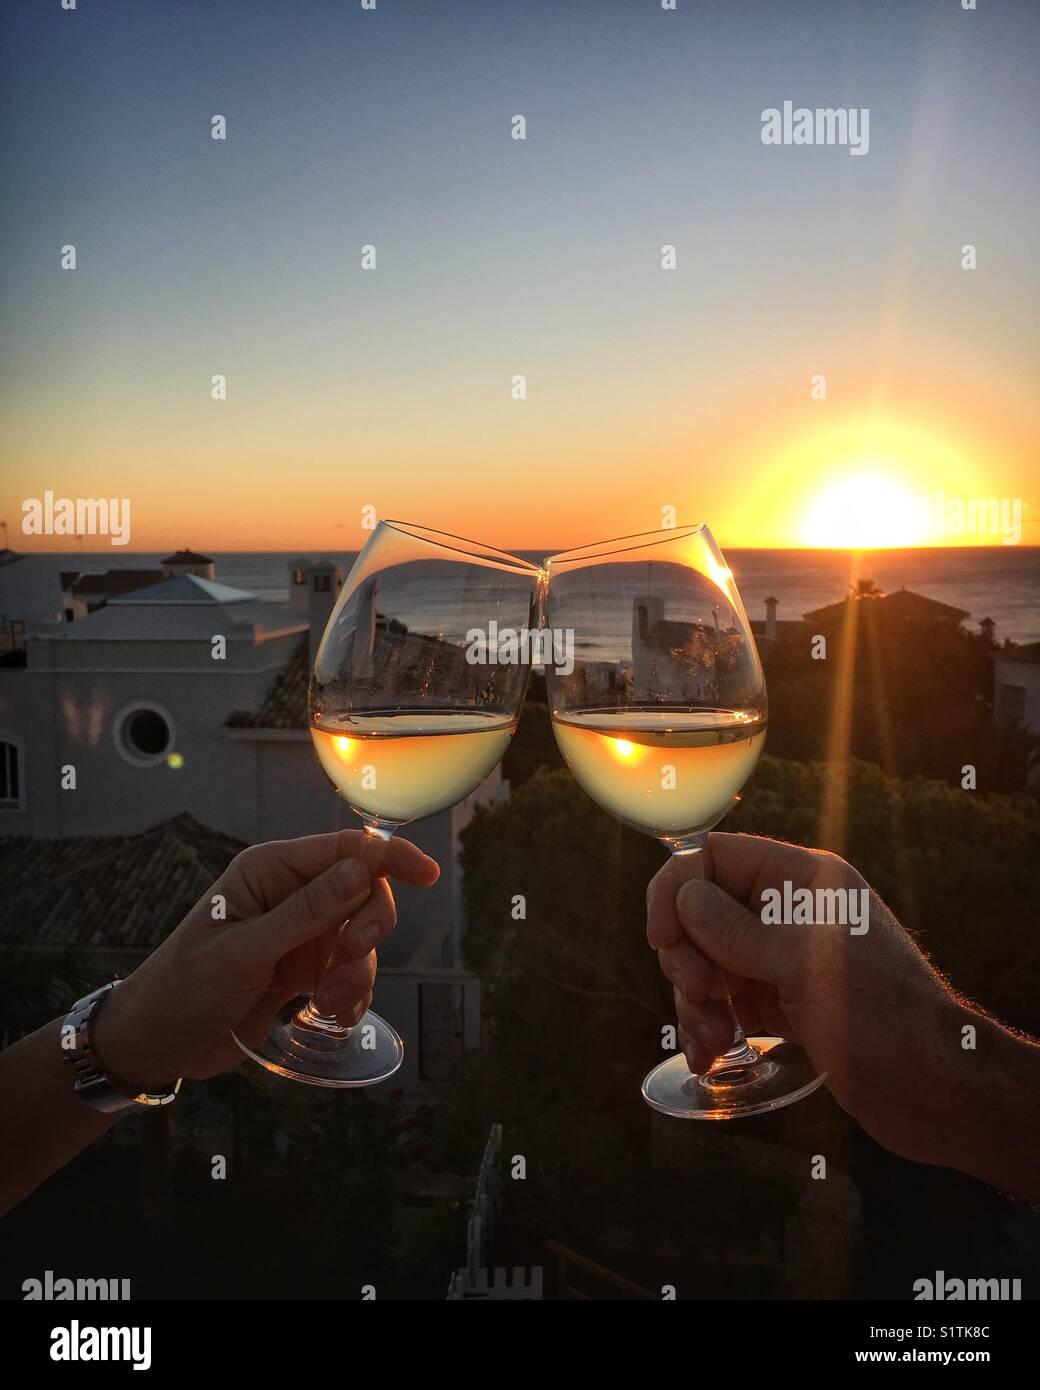 Los dos vasos de vino que tintinea junto al atardecer. saludos!!! Imagen De Stock